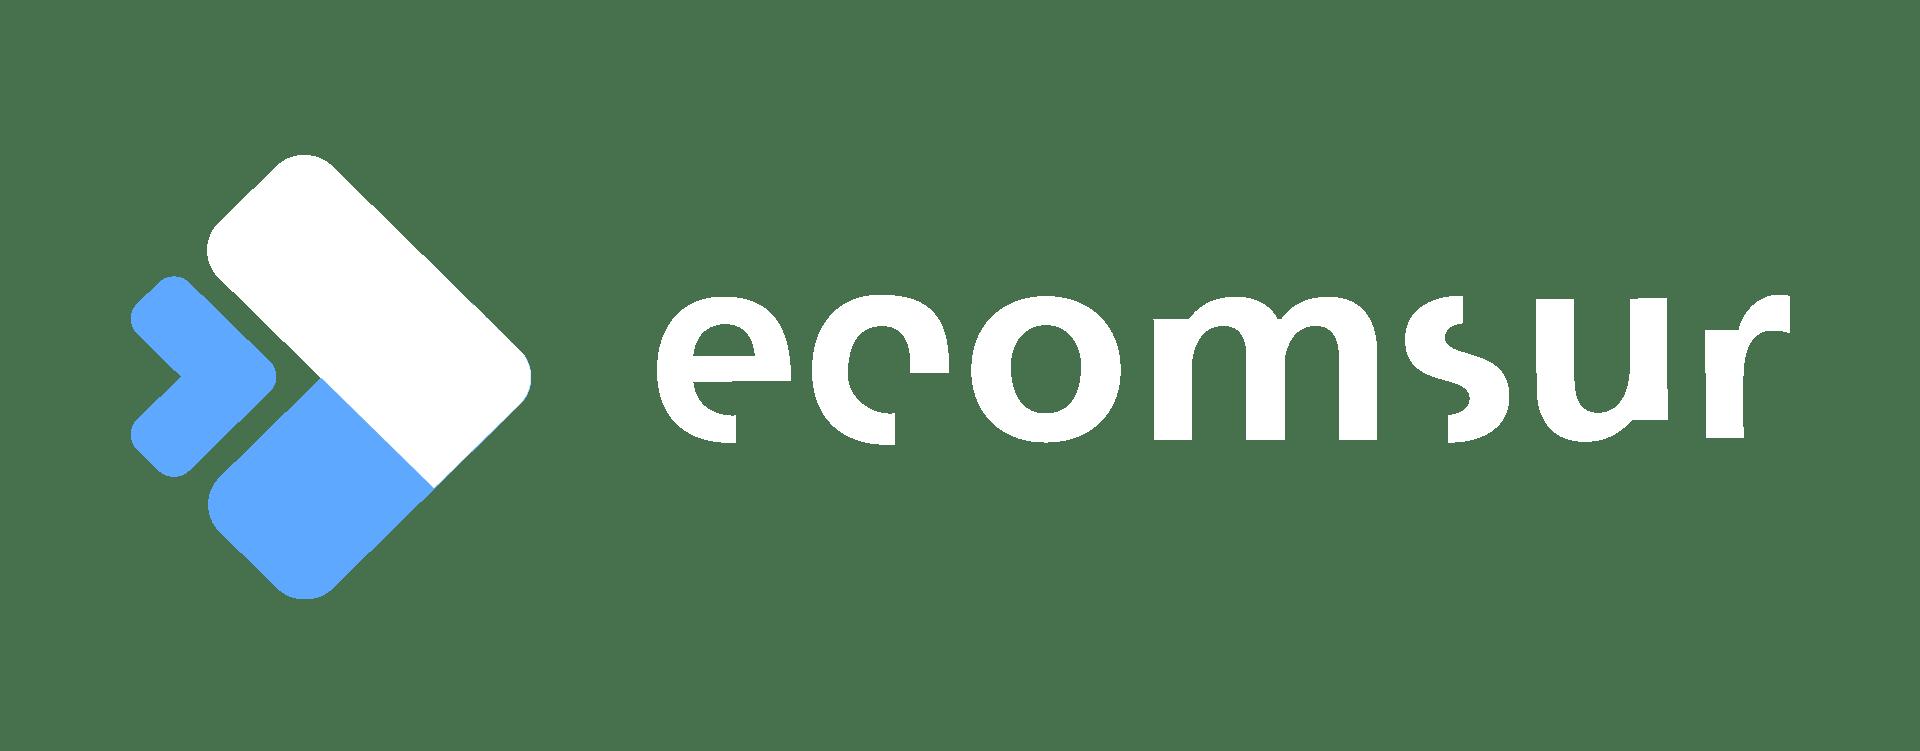 Líder en Fullcommerce y Omnicanalidad en Latinoamérica